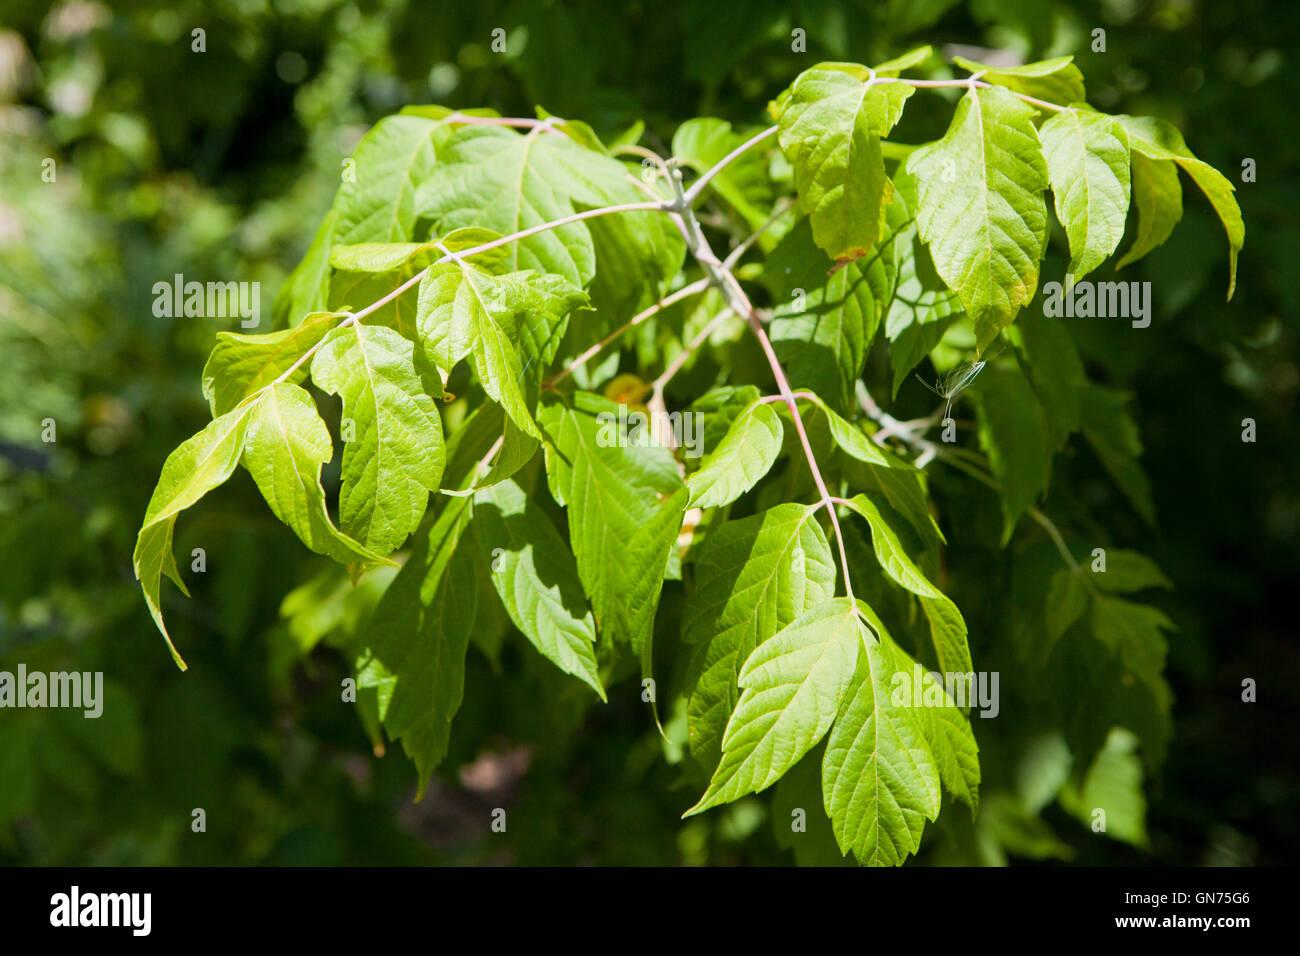 Kelly's Gold box elder tree (Acer negundo) - USA - Stock Image